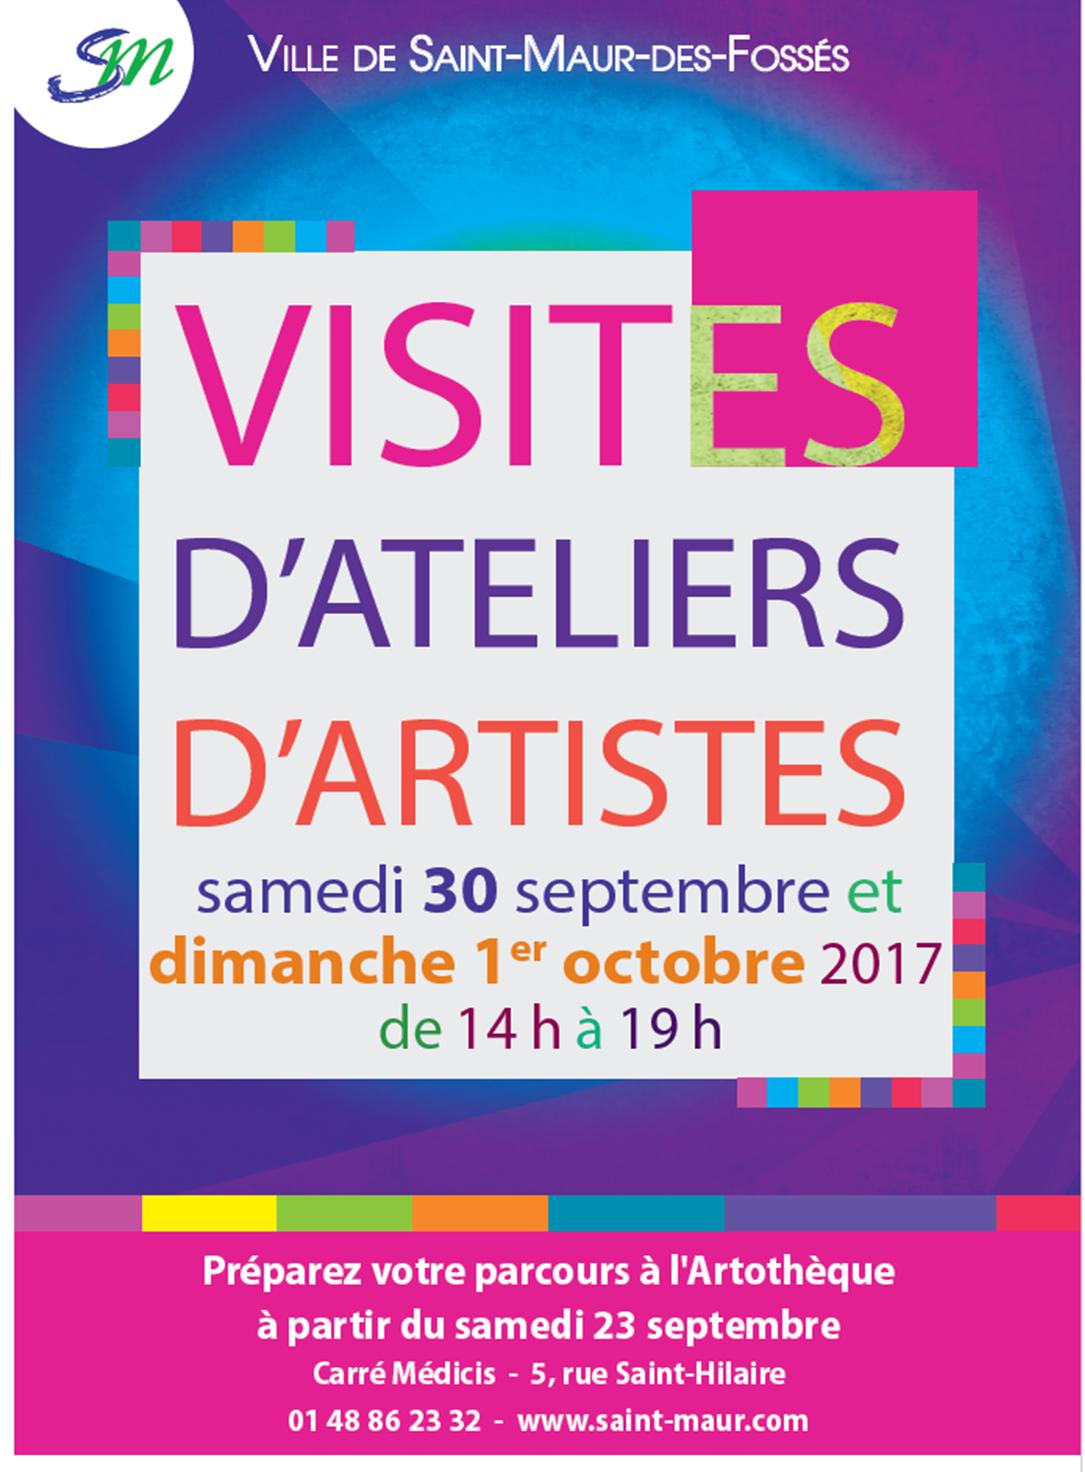 Portes ouvertes des ateliers d'artistes à Saint-Maur